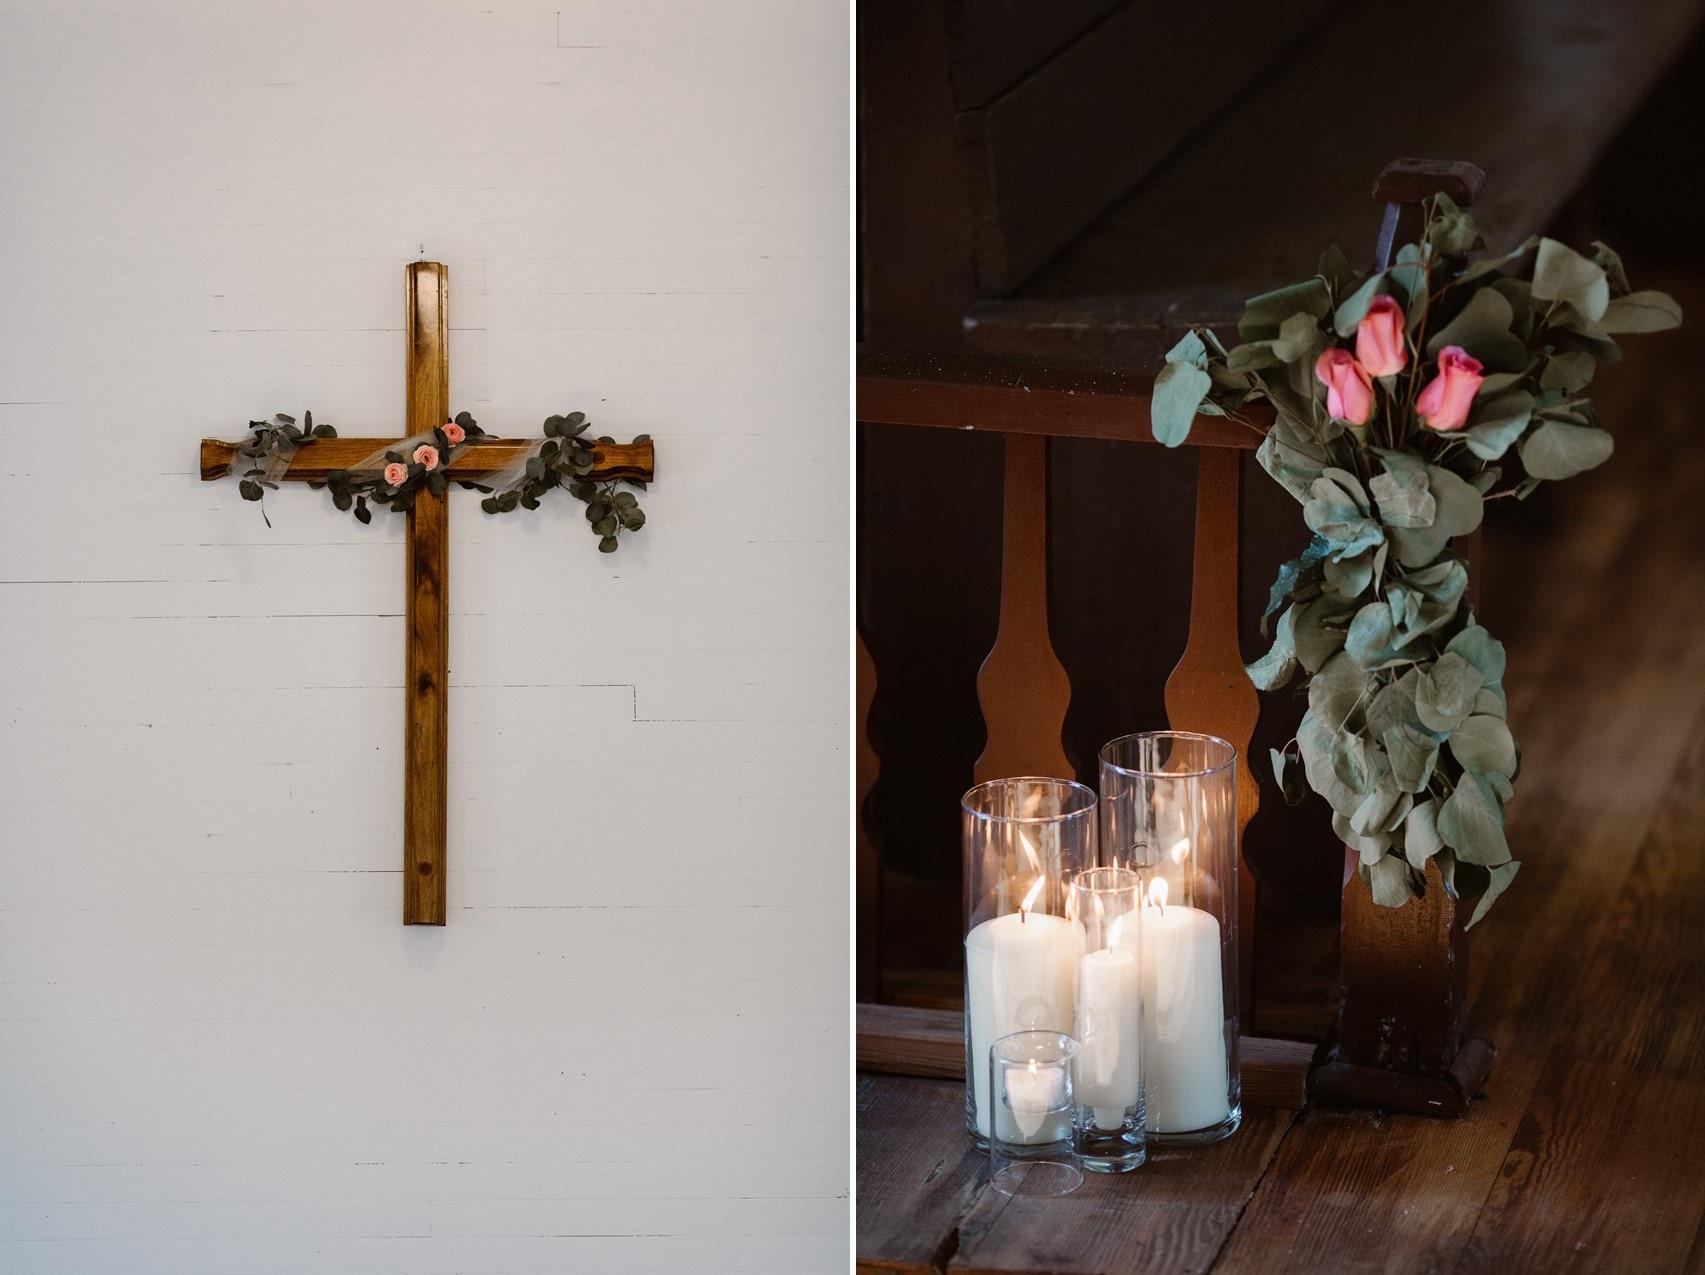 16b-Church-Wedding-Flowers